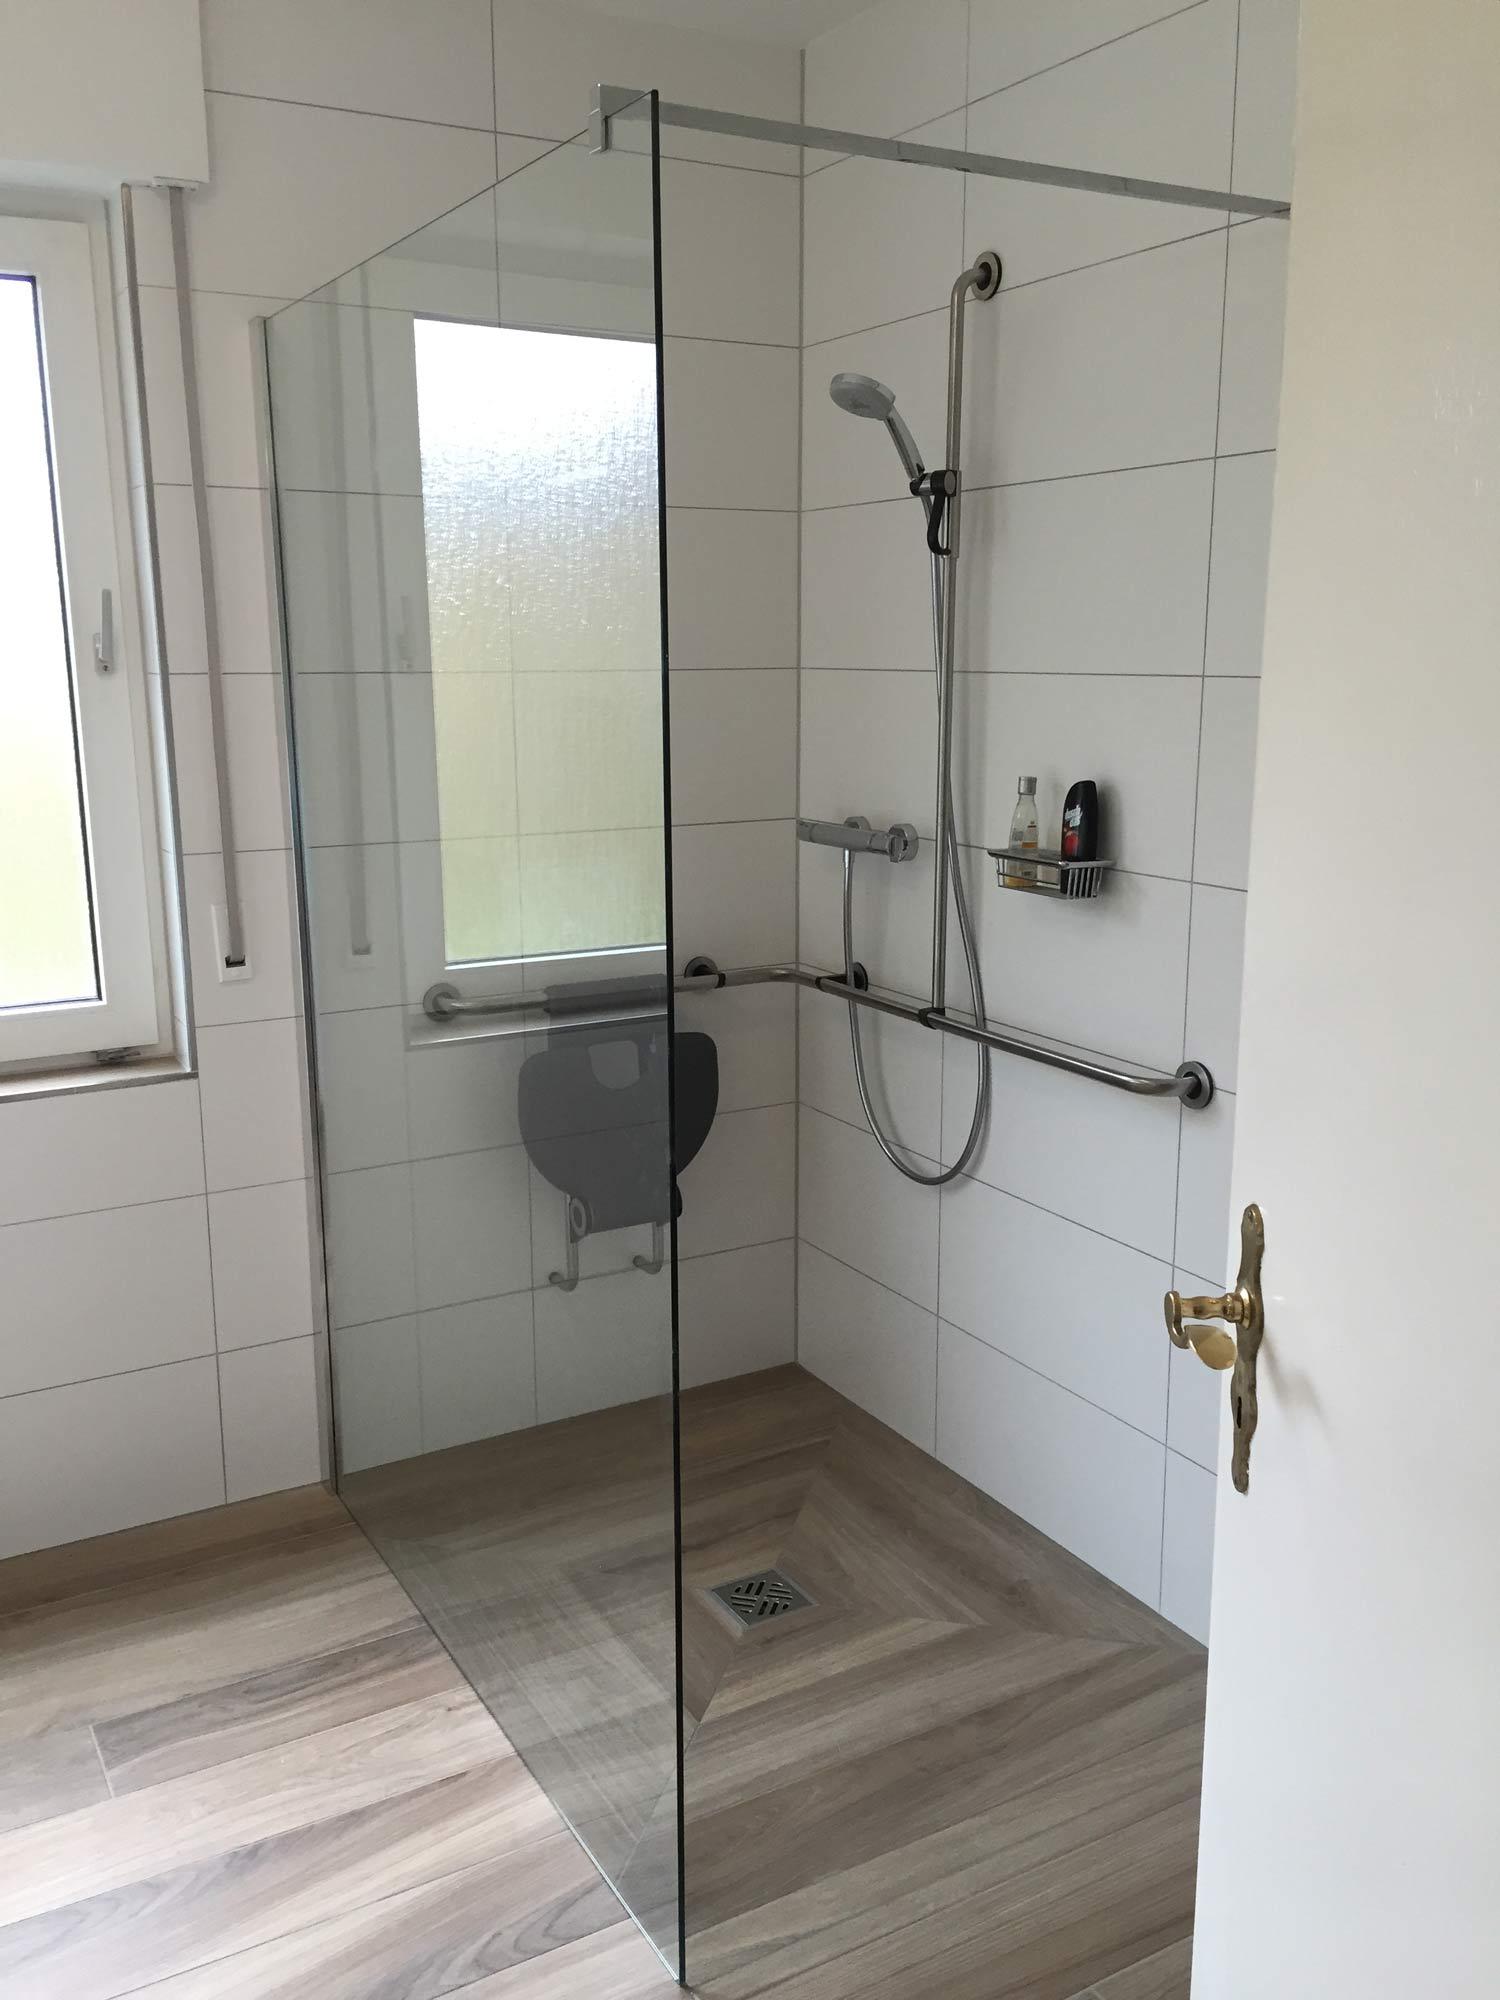 Scherwing Hillebrand barrierfreies Bad rollstuhlgerecht Walk-in Dusche